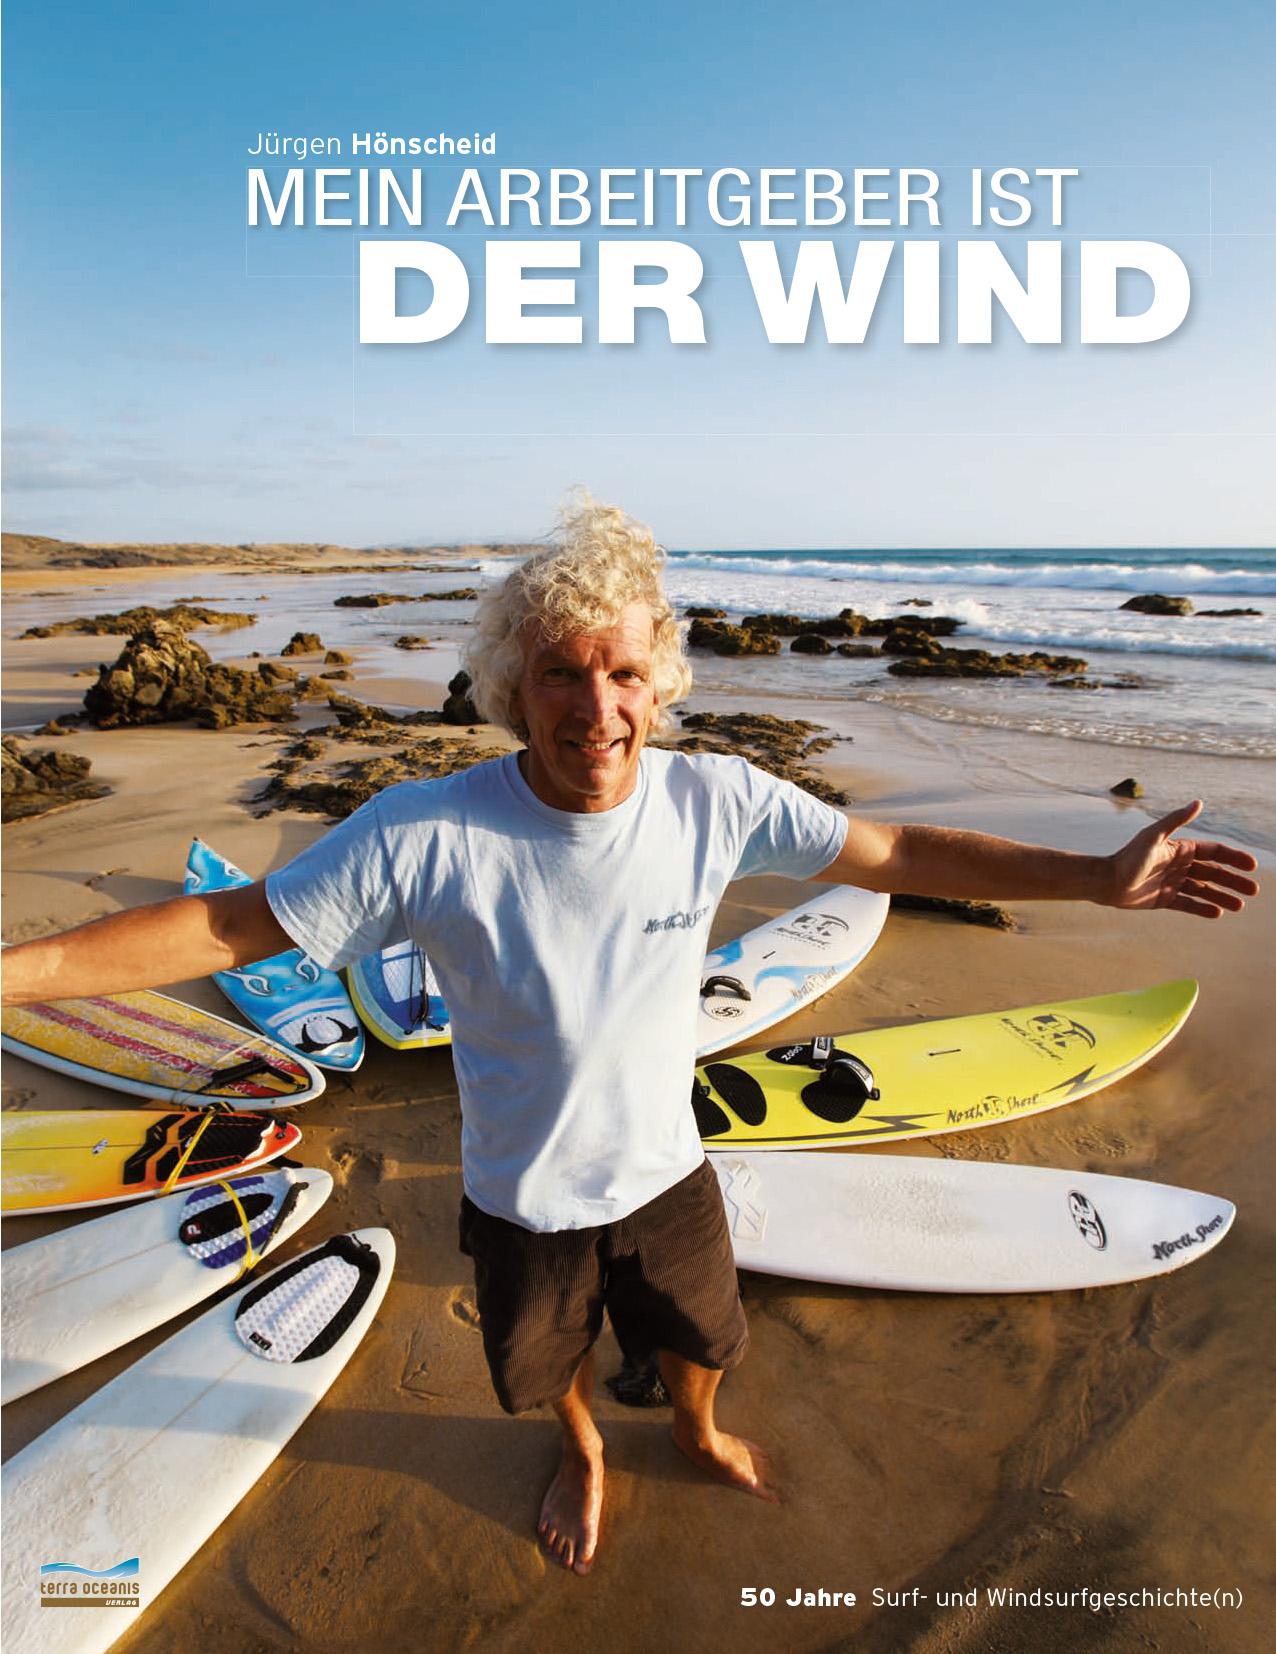 Mein Arbeitgeber ist der Wind von Jürgen Hönscheid